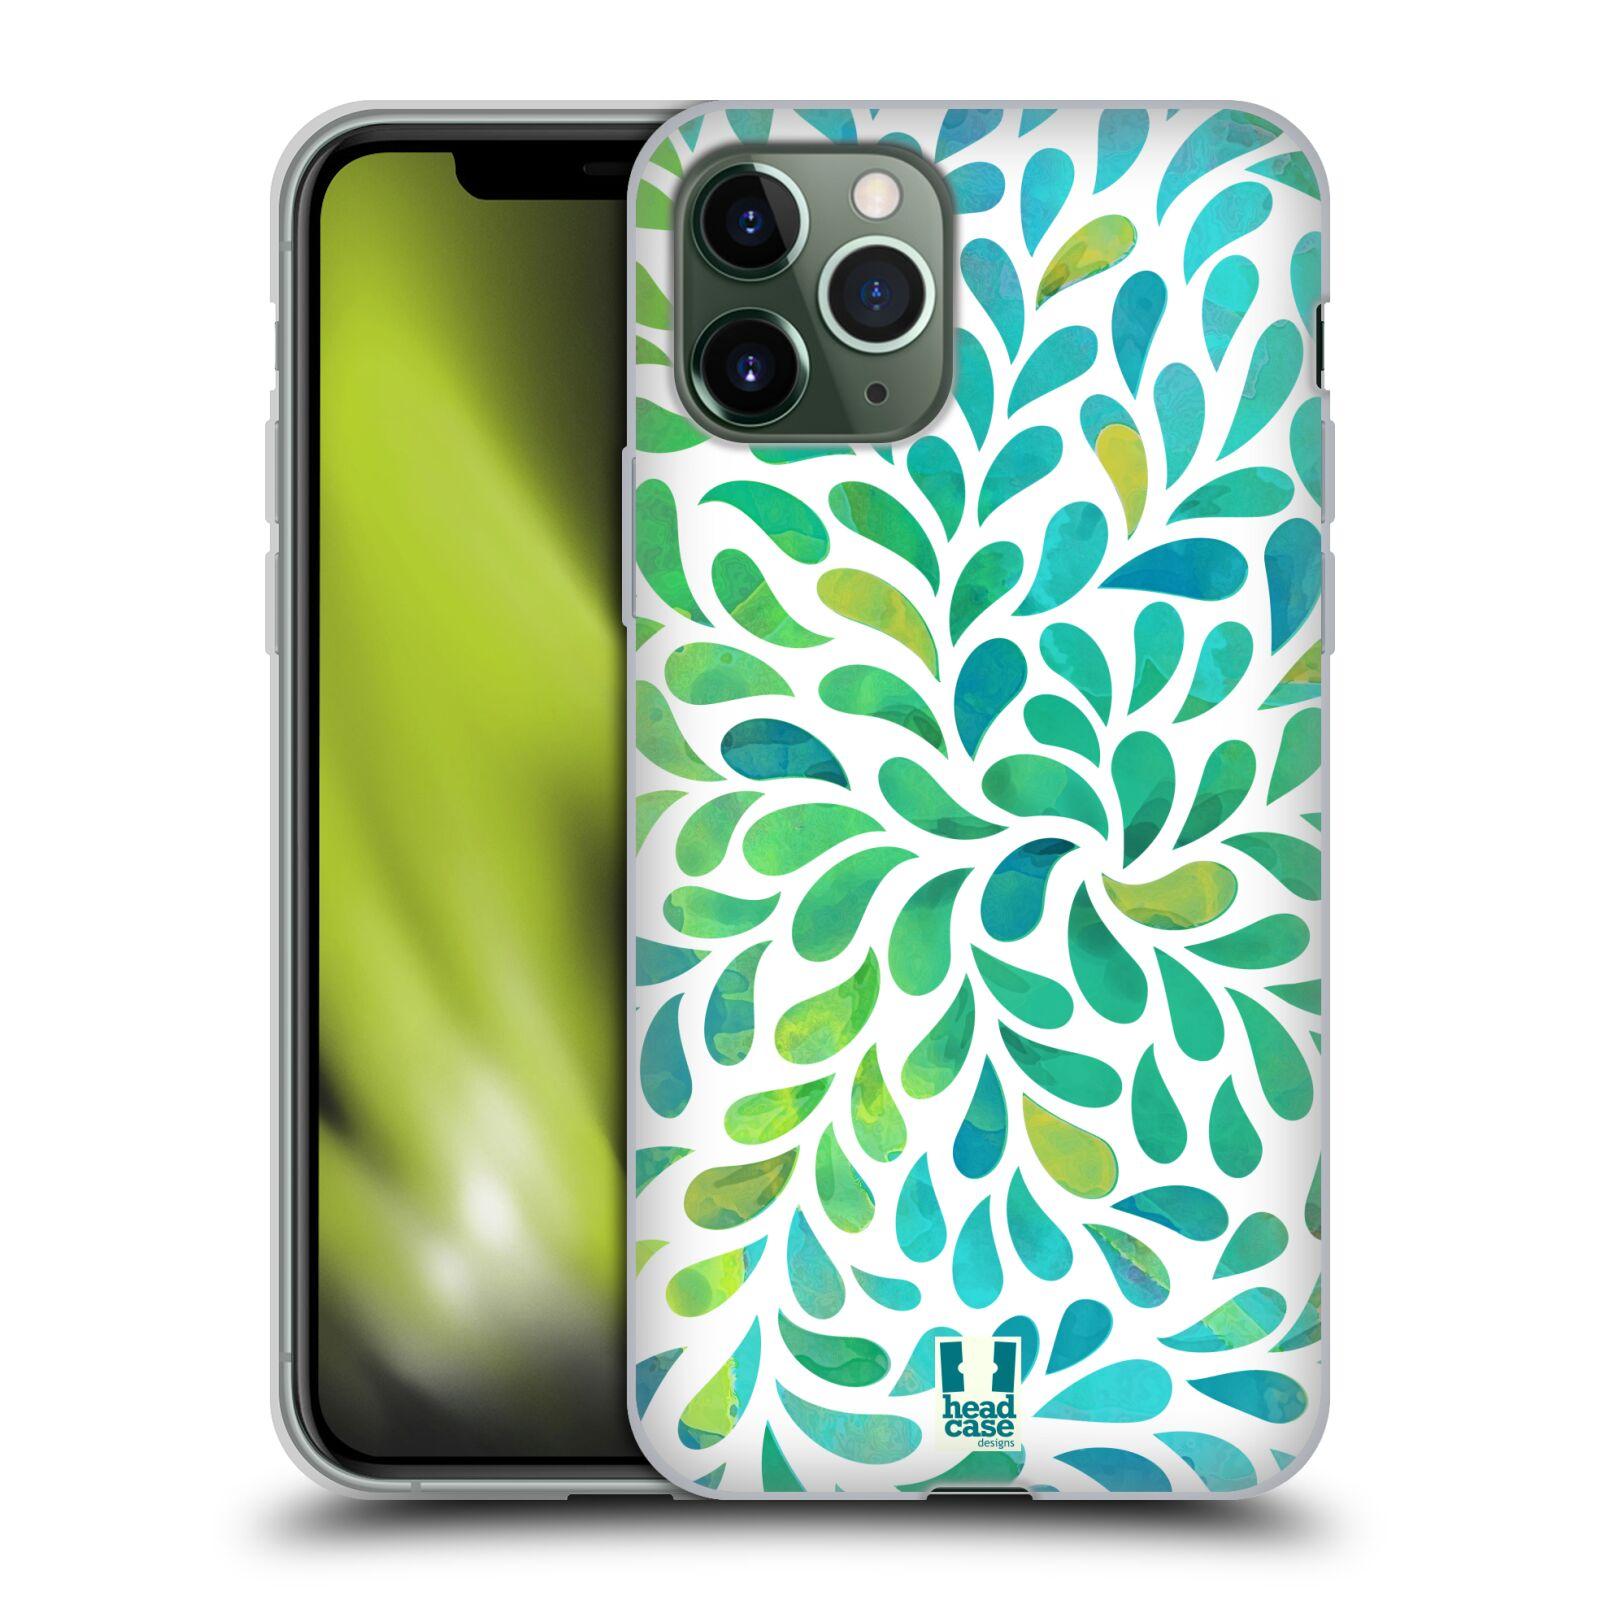 kožený obaly iphone xs | Silikonové pouzdro na mobil Apple iPhone 11 Pro - Head Case - Droplet Wave Kapičky